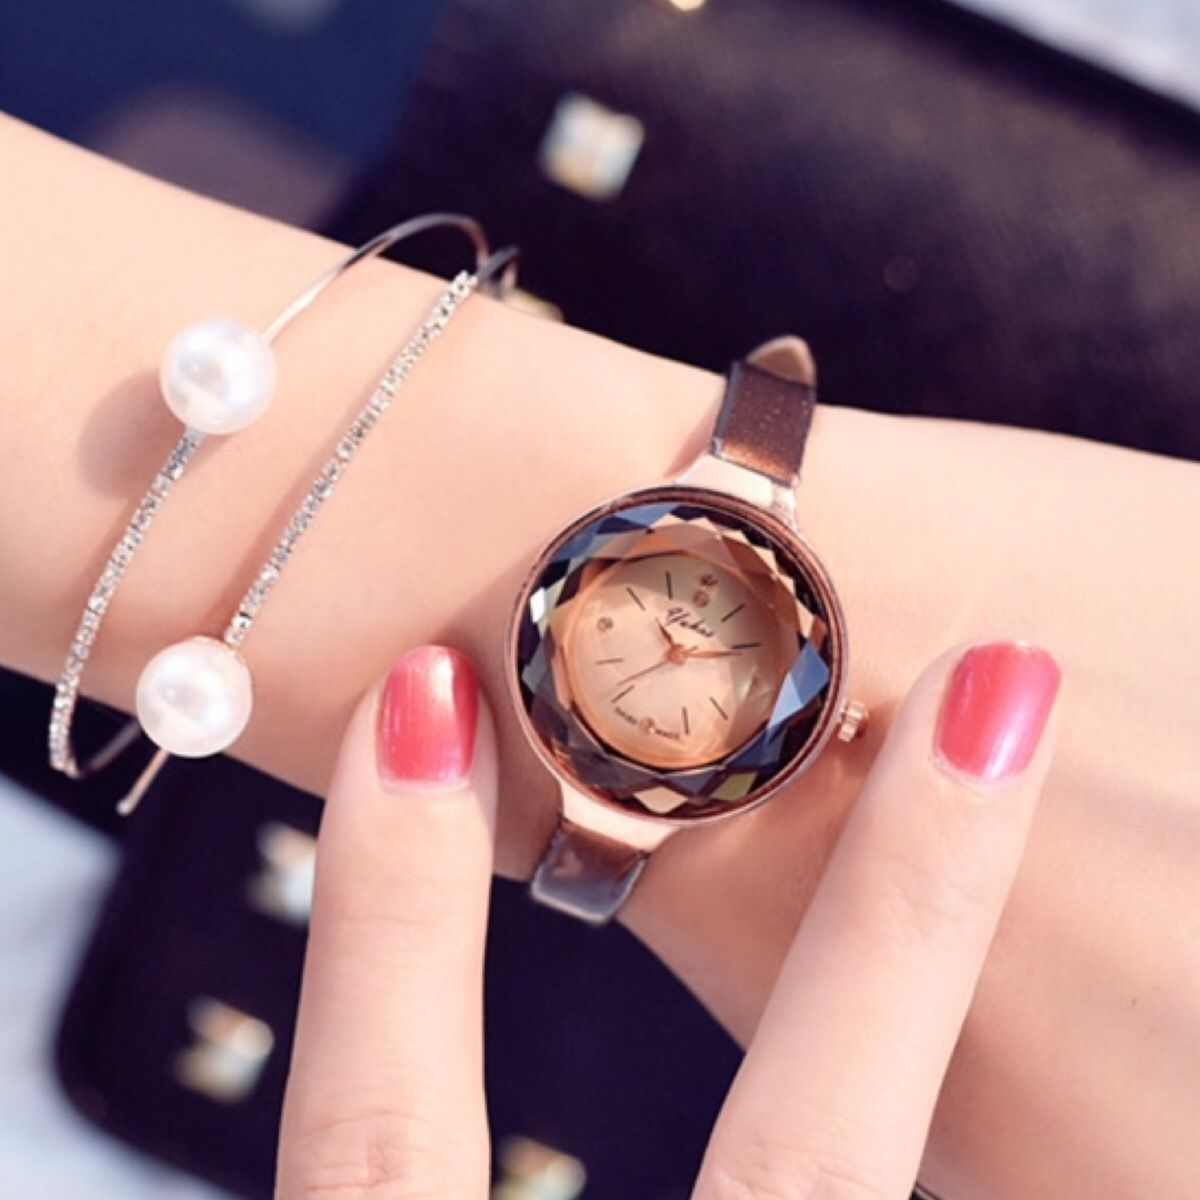 クリアウォッチ ピンクゴールド  レディースサイズ シンプル ギフト 人気 プレゼント 時計 おしゃれ 安い かわいい ブレスレット 腕時計